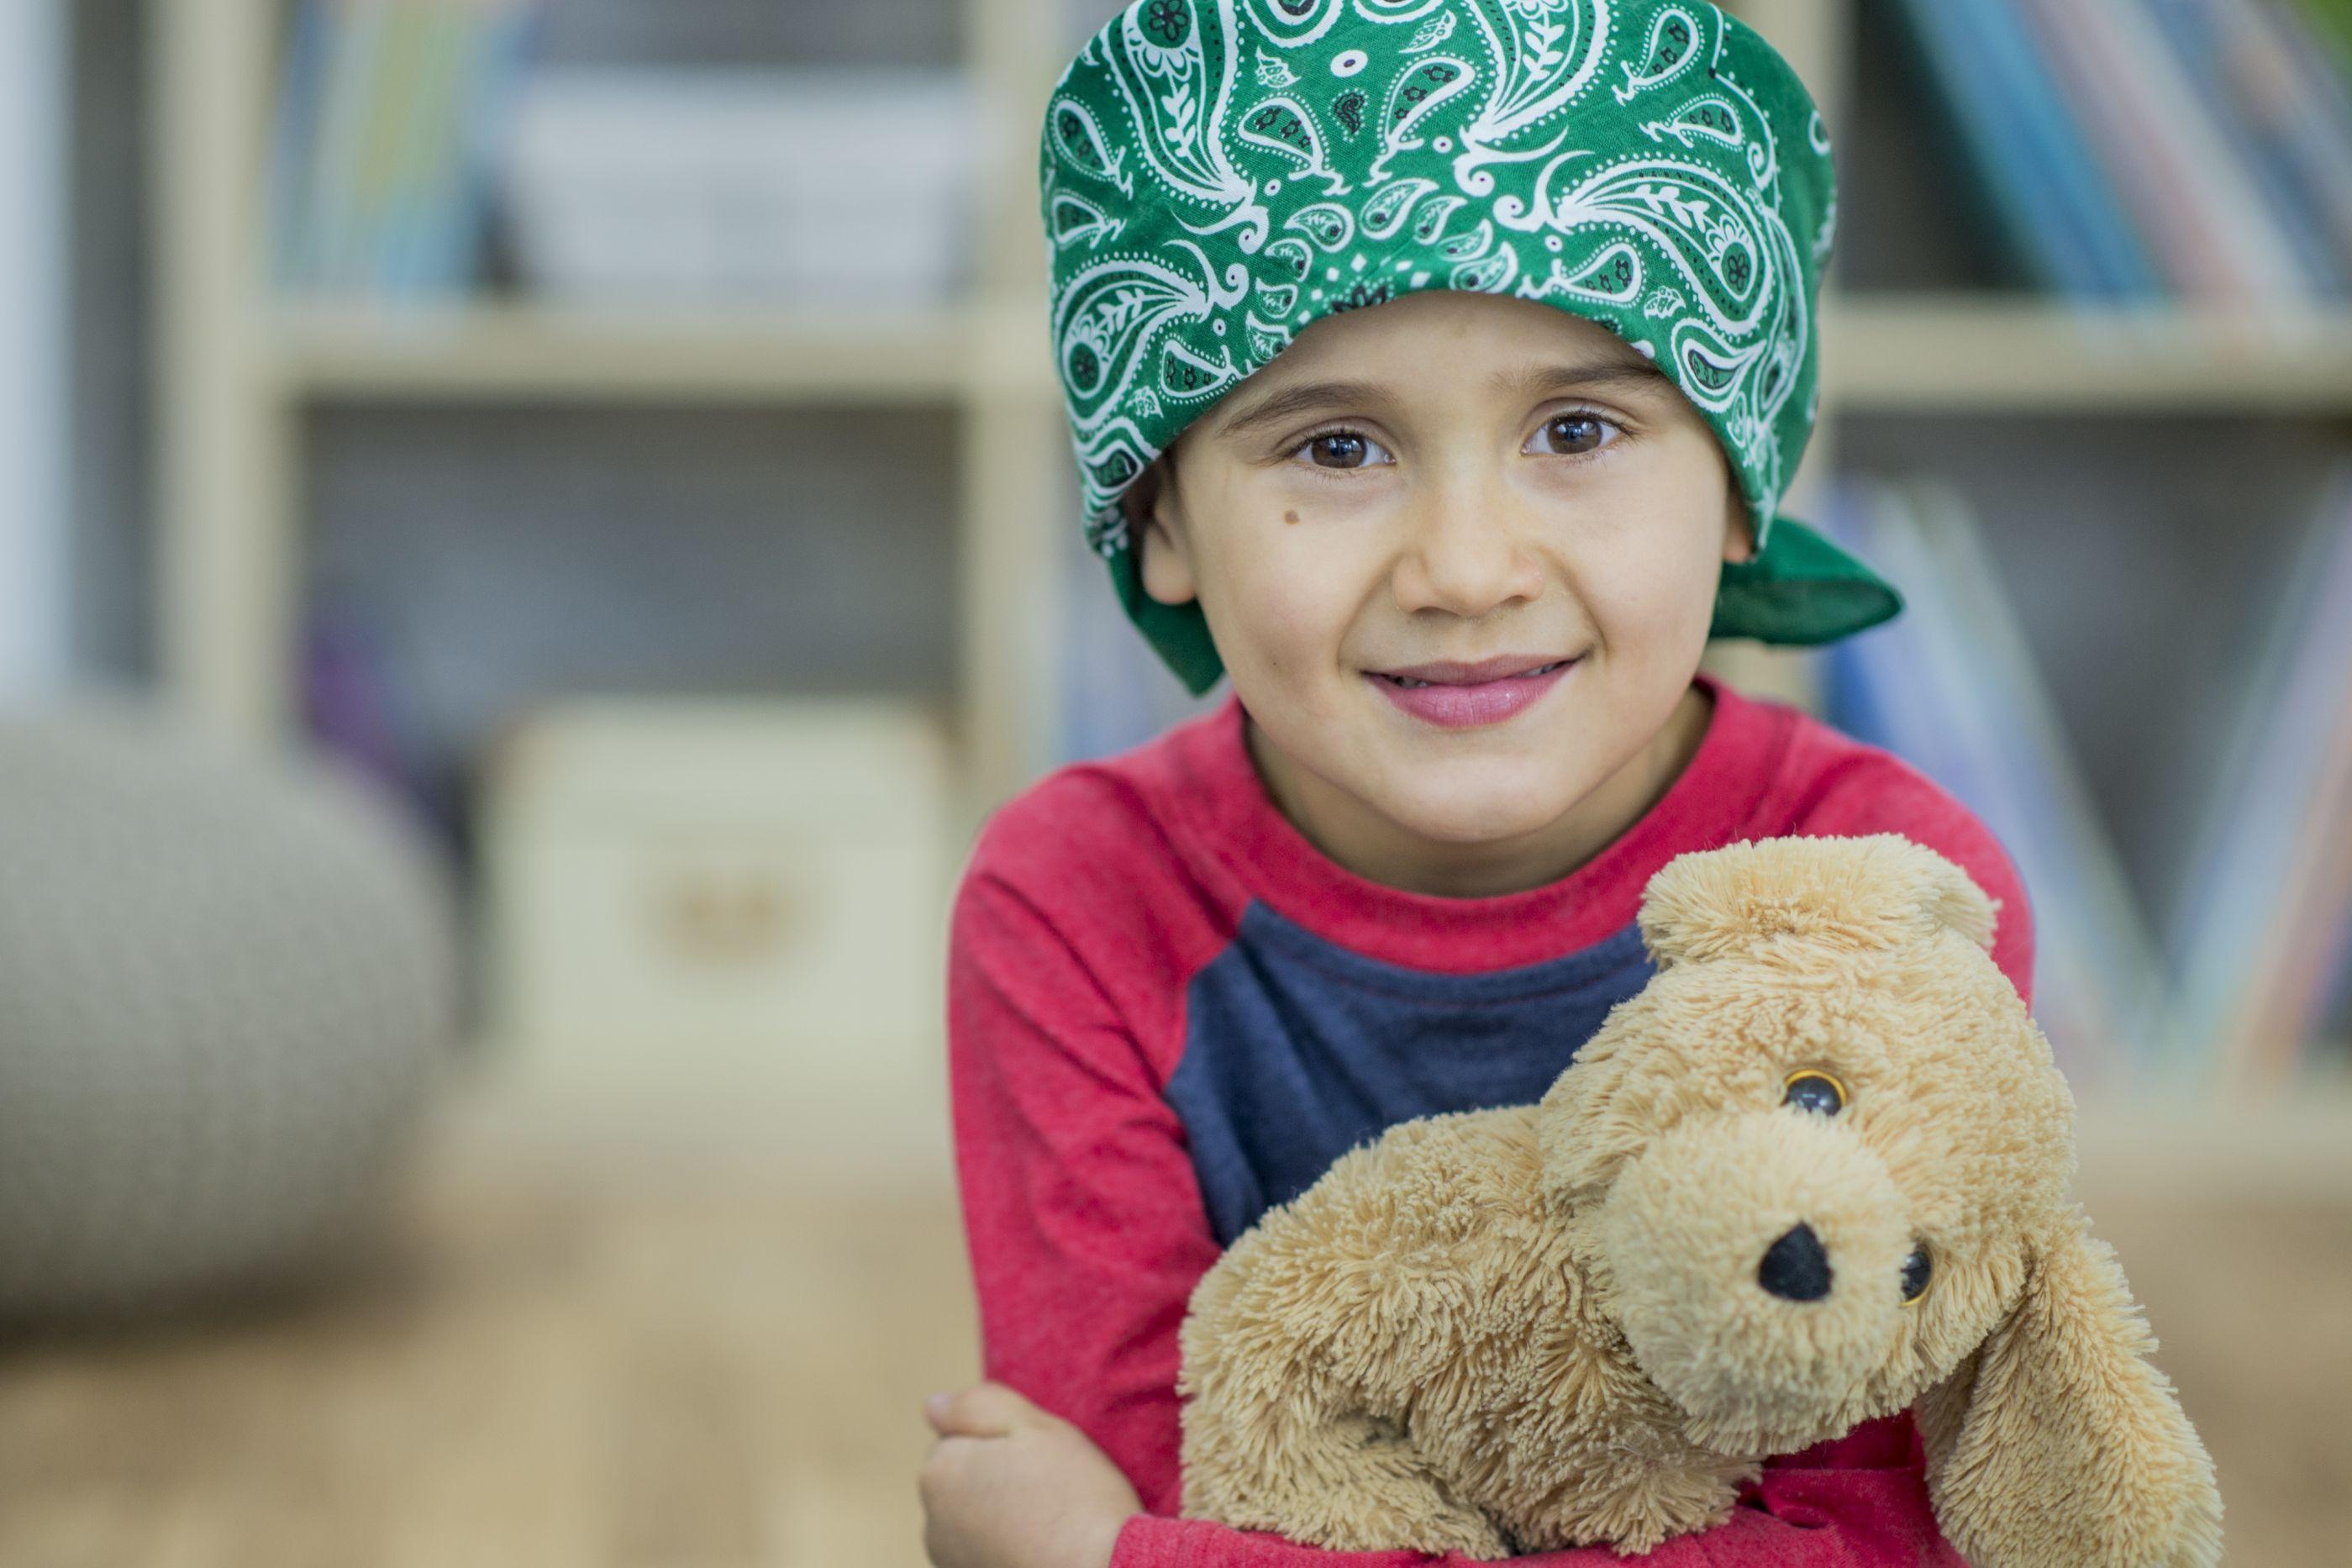 Estes são os nove tipos de cancro mais comuns nas crianças